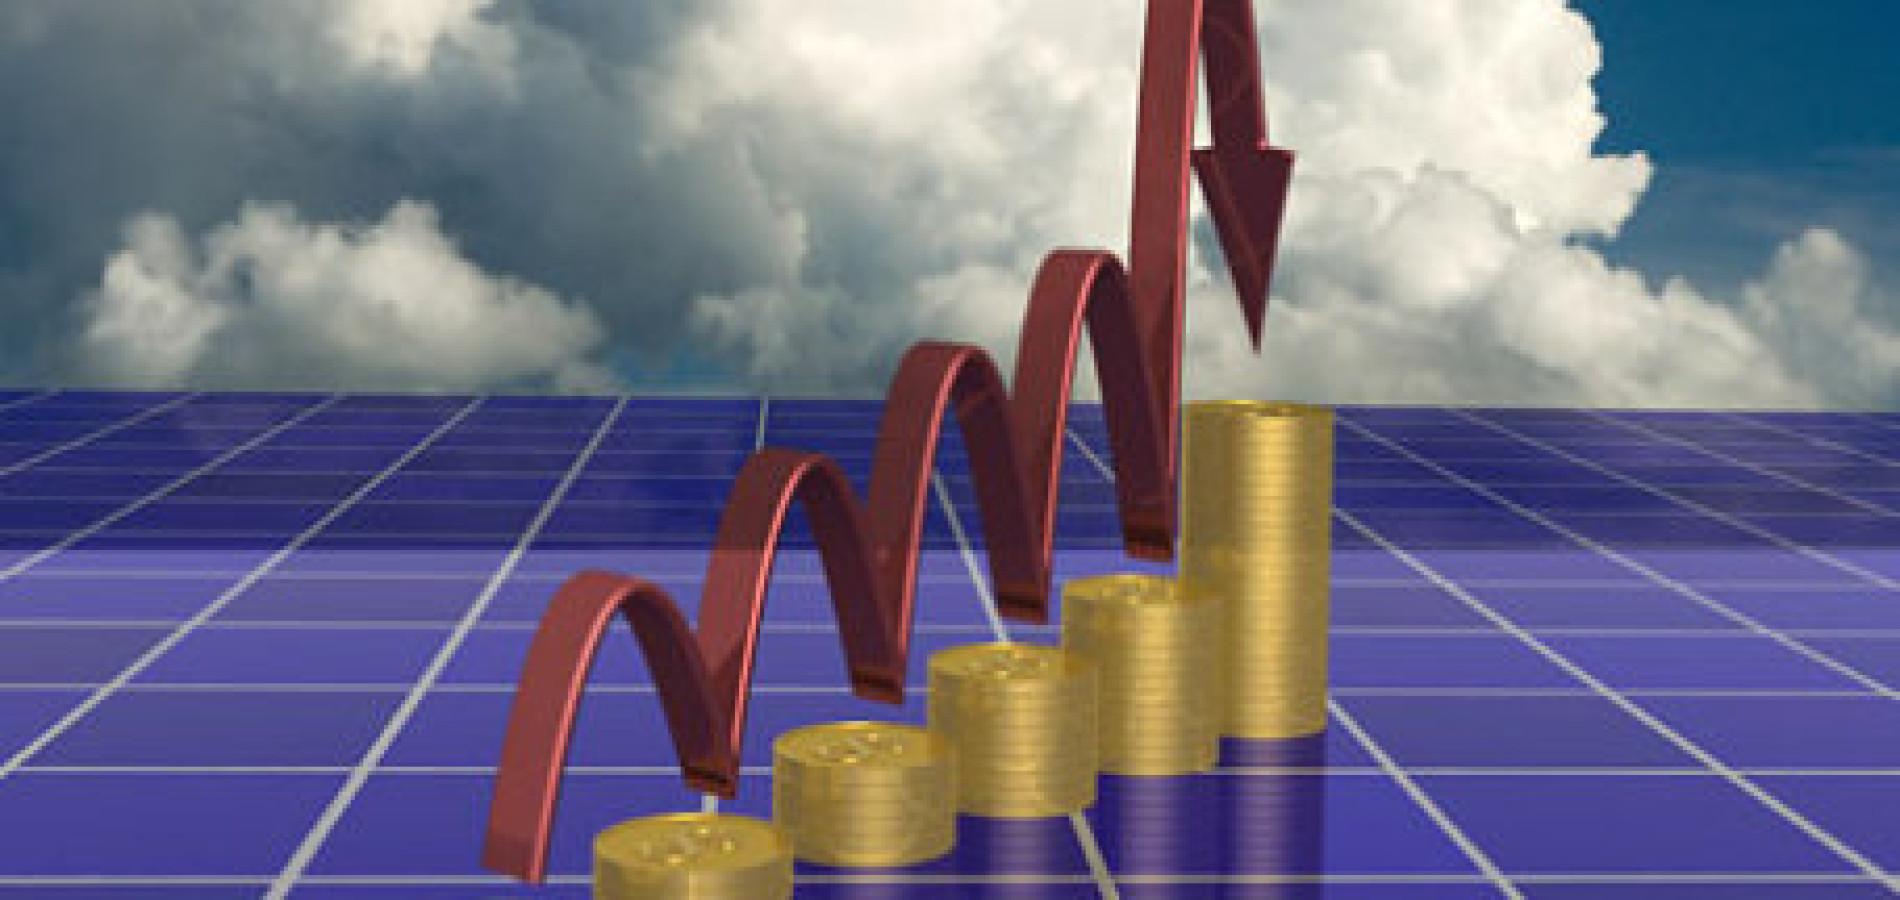 Как обеспечить рост ВВП. Намечается дискуссия старой и новой школы